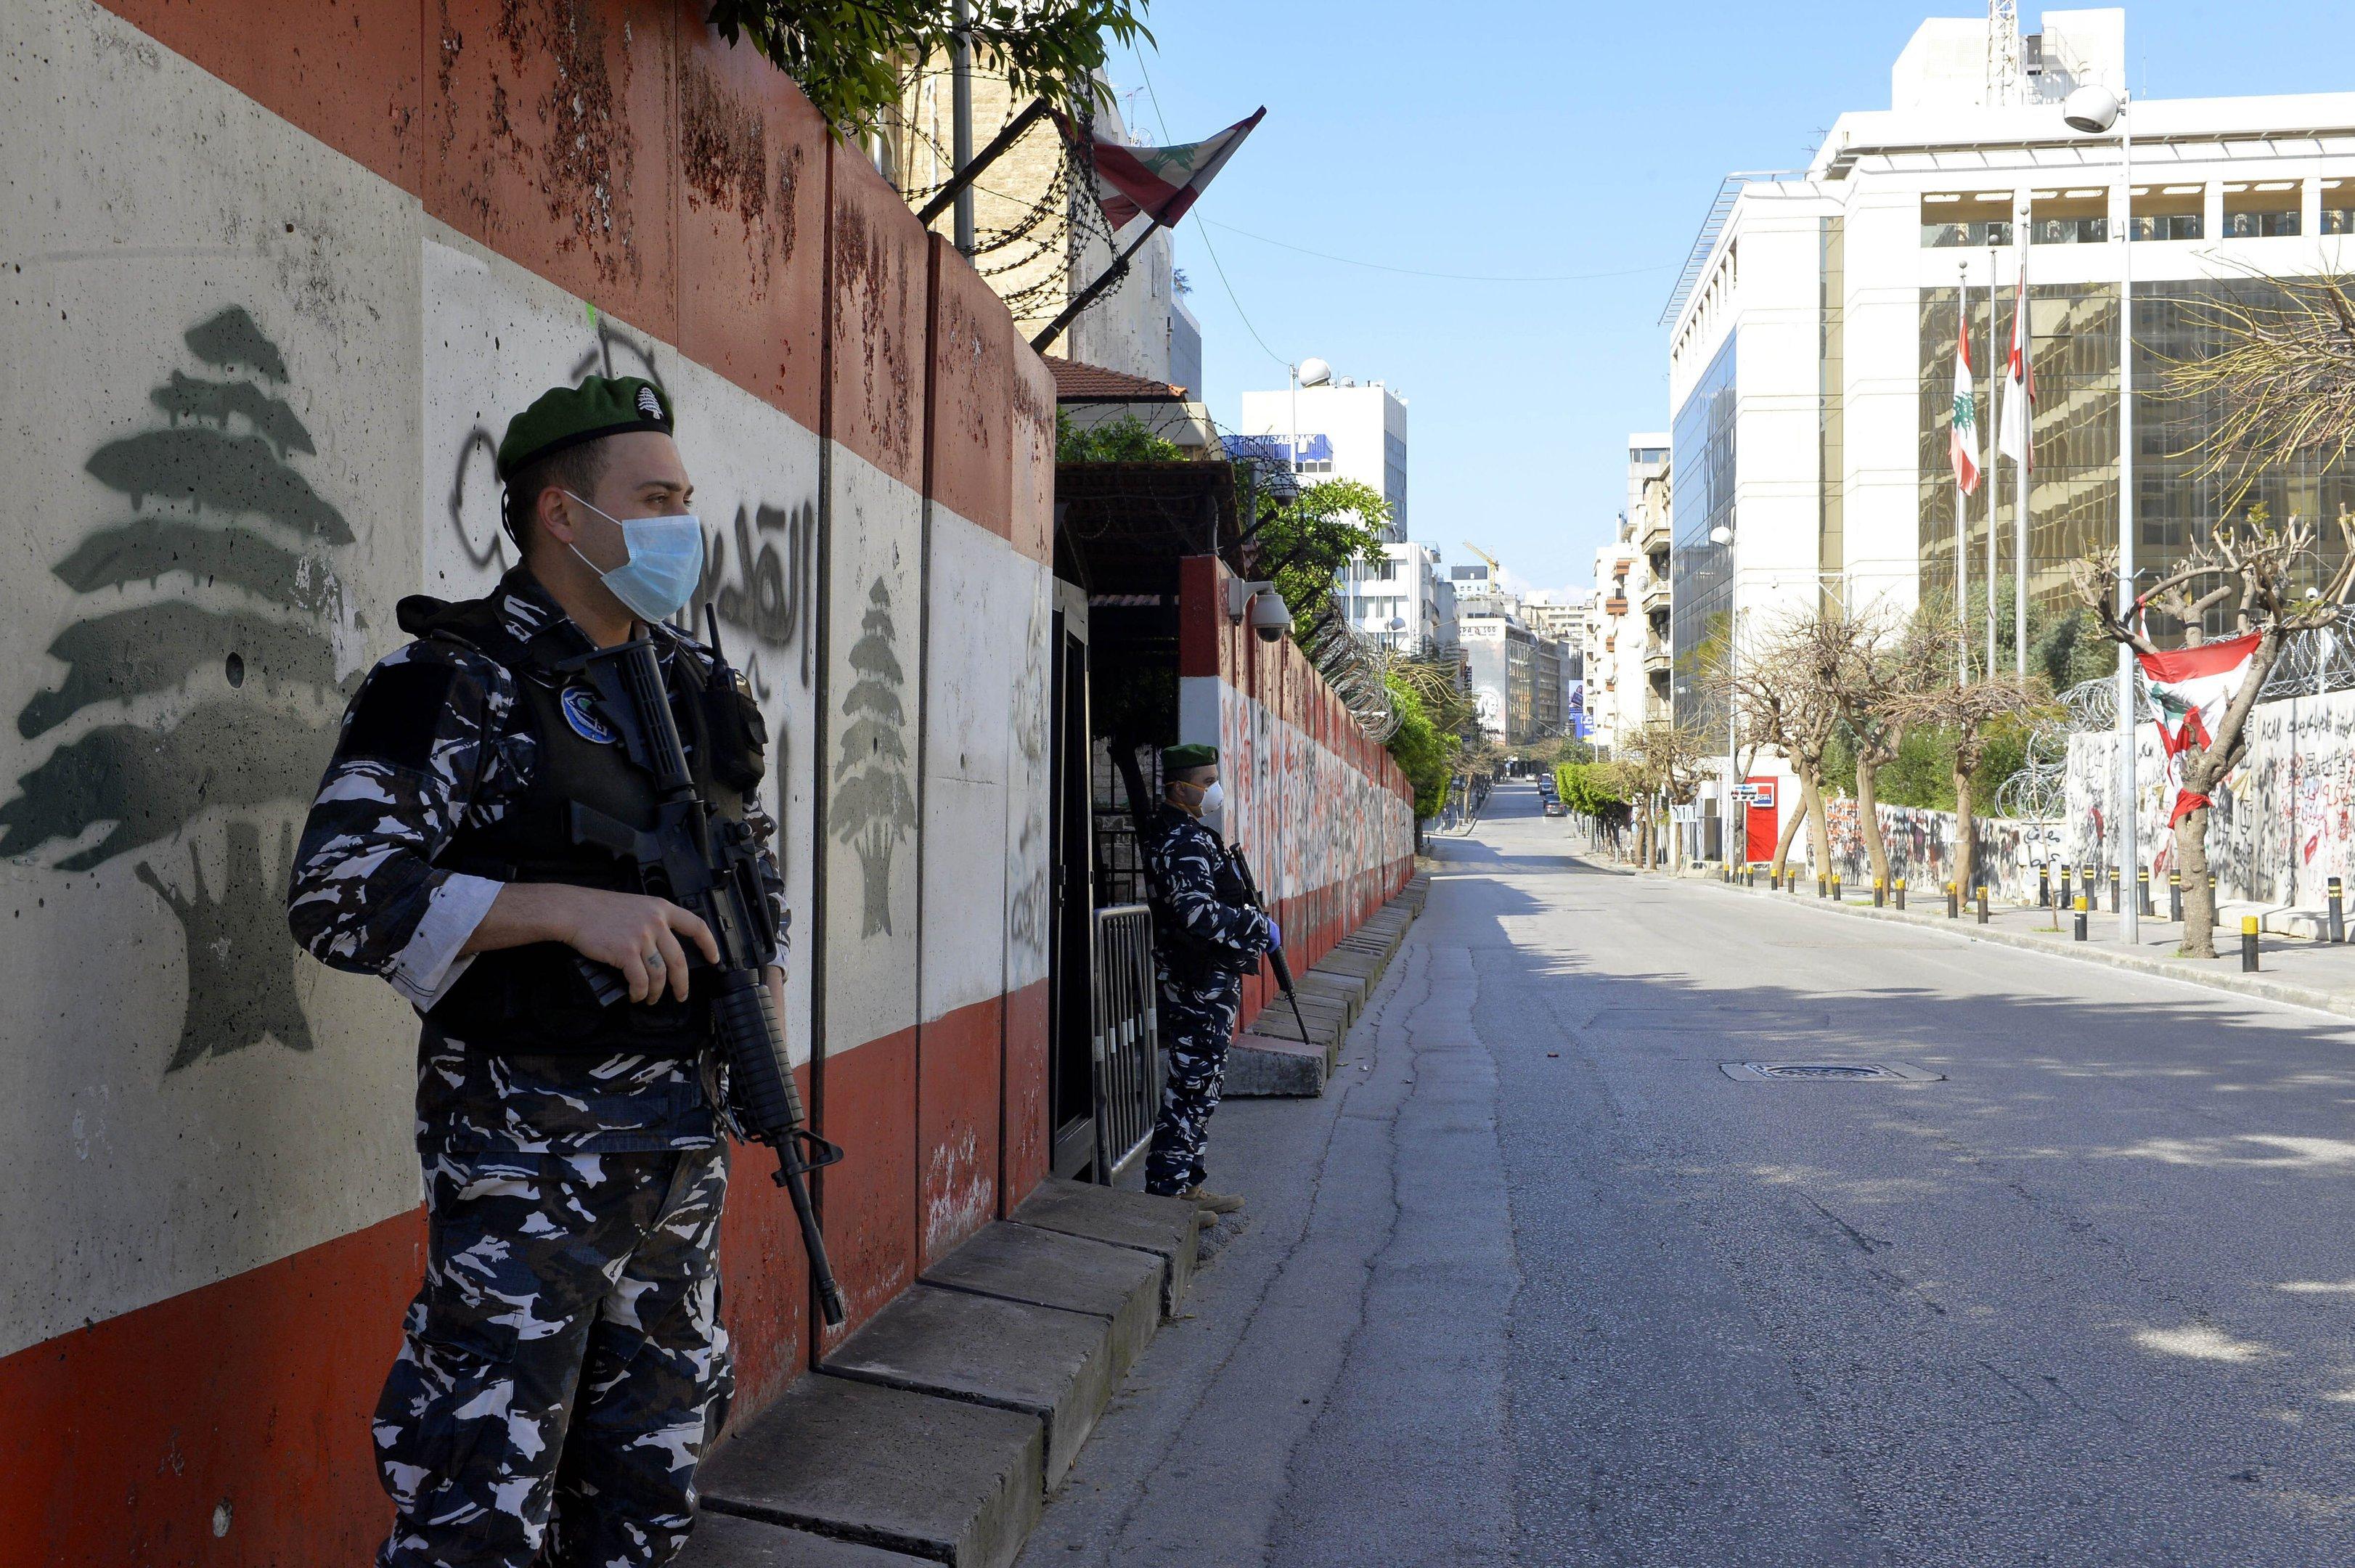 Líbano, Beirute, 22 de março de 2020: Forças de segurança vigiam ruas em meio ao estado de emergência por conta do coronavírus.